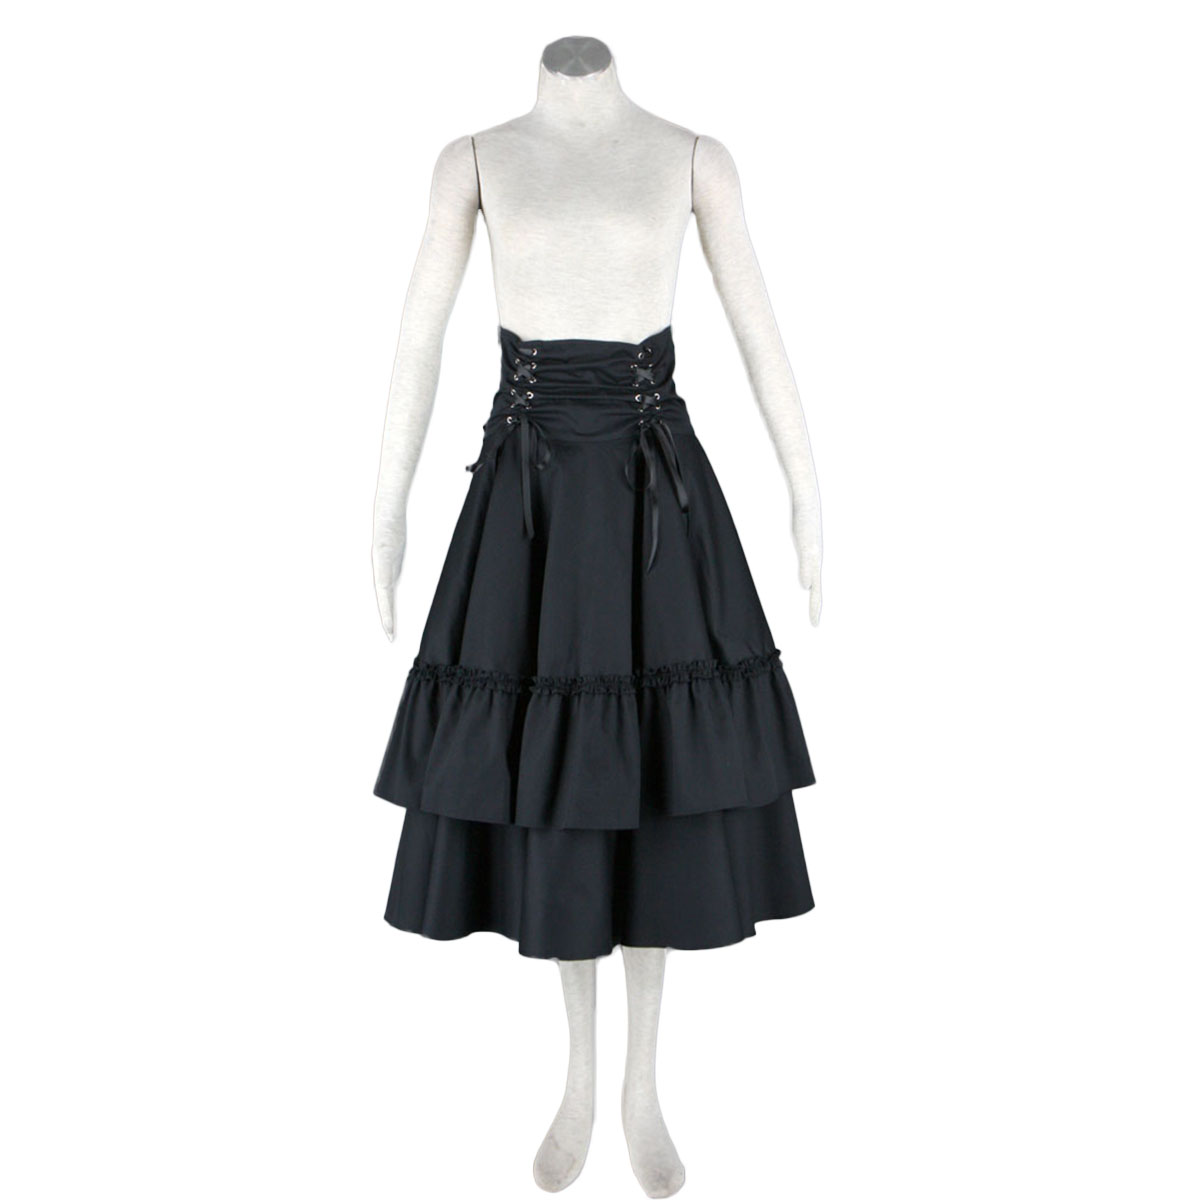 호화로운 로리타 문화 벨트 검은 활 긴 드레스 코스프레 의상